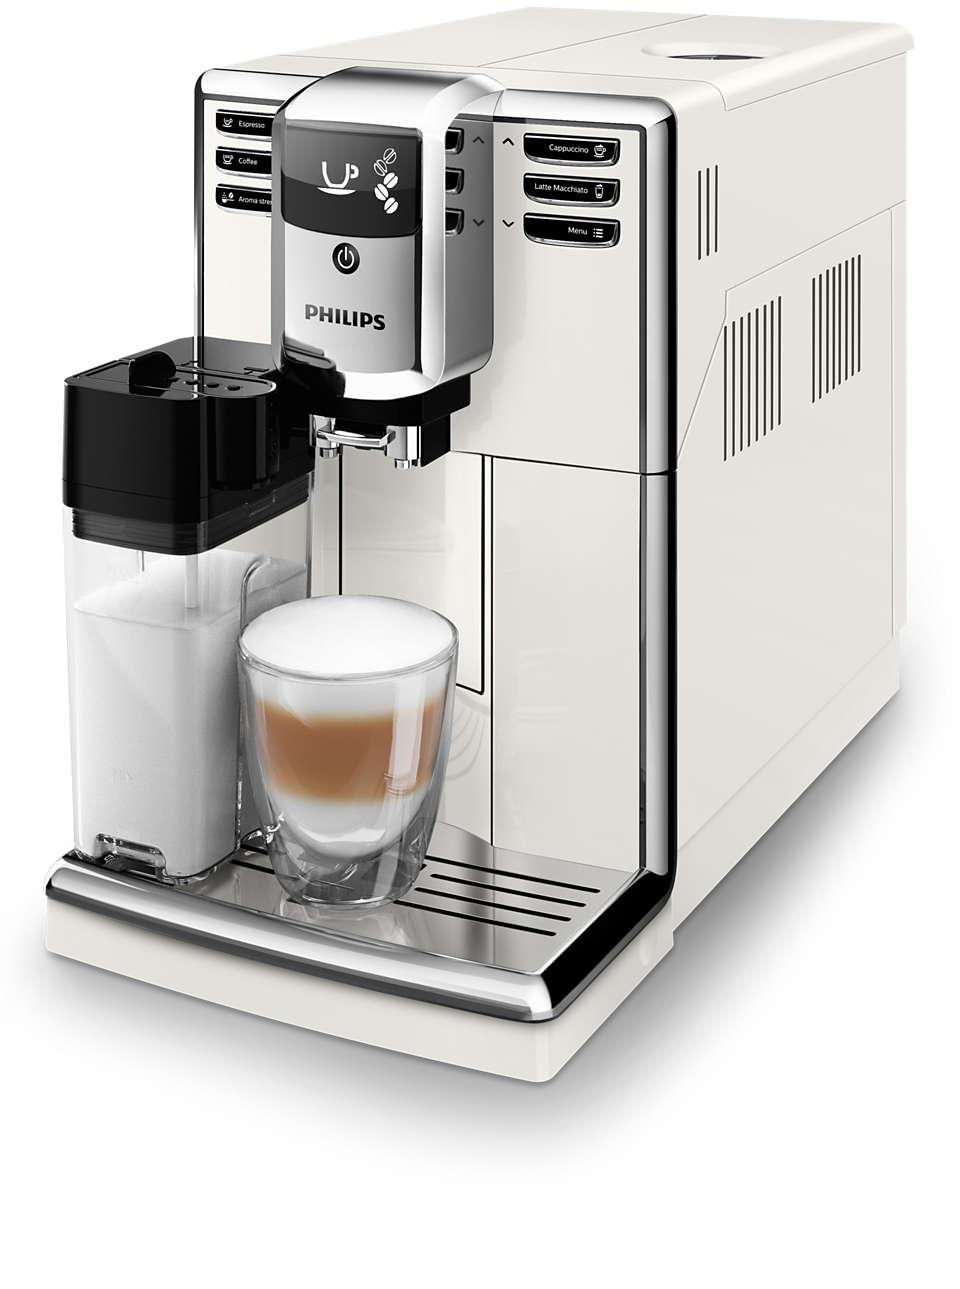 Snadná příprava 5druhů kávy zčerstvých kávových zrn